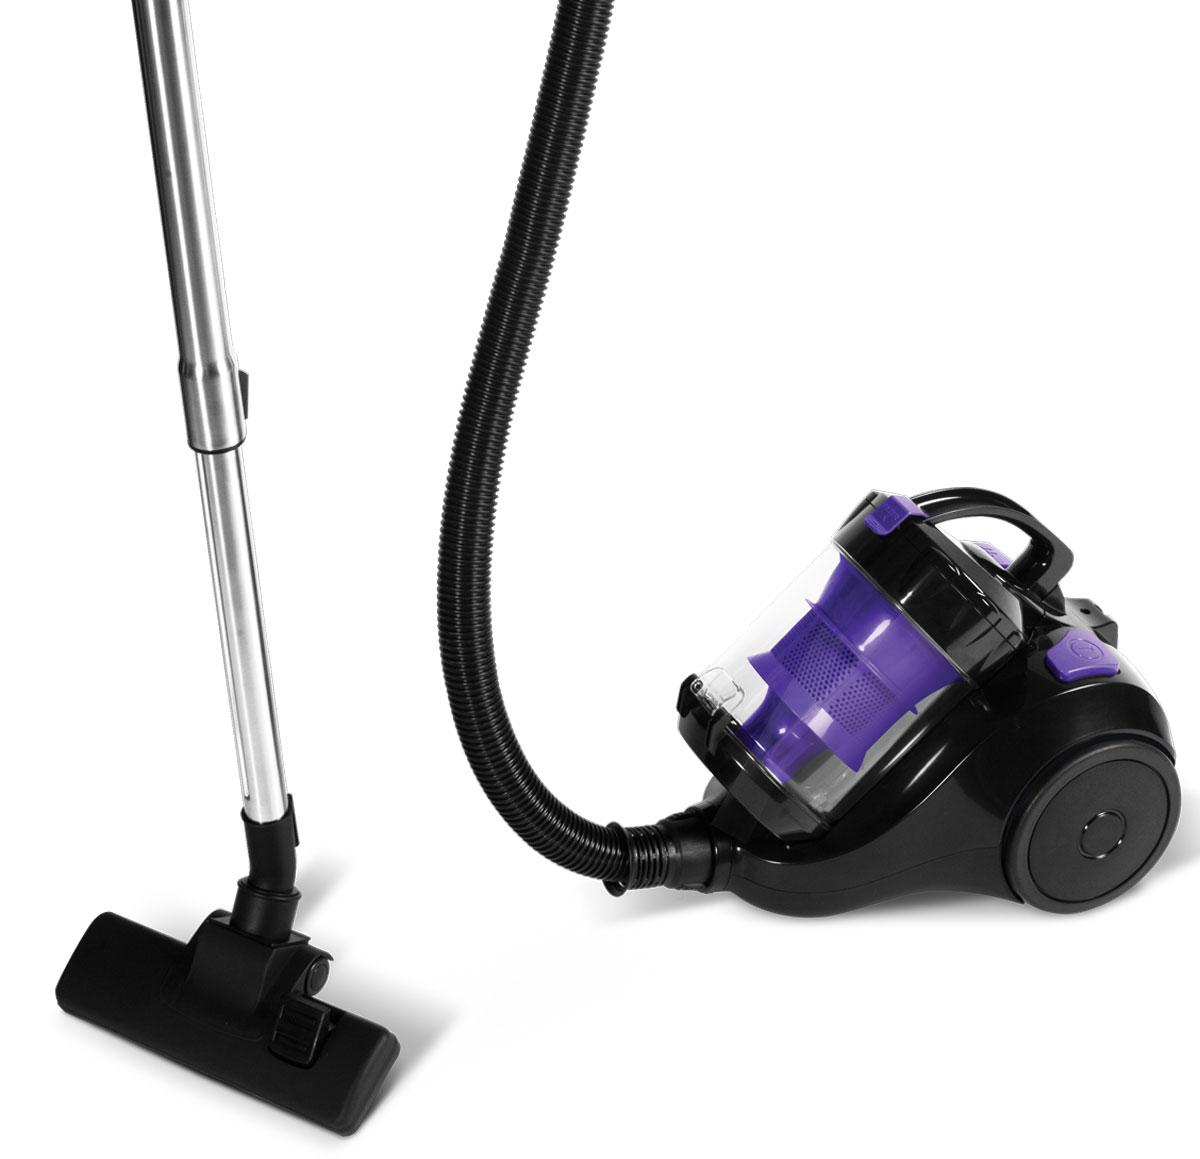 Unit UVC-1710, Purple пылесосCE-0460336Пылесос Unit UVC-1710 - легкость в использовании, надежность, долговечность и высокая производительность. Циклоническая система организации воздушного потока обеспечивает высокую производительность уборки и оптимальные результаты. Простое опорожнение пылесборника и наличие HEPA-фильтра позволяют быстро и без хлопот избавиться от пыли.